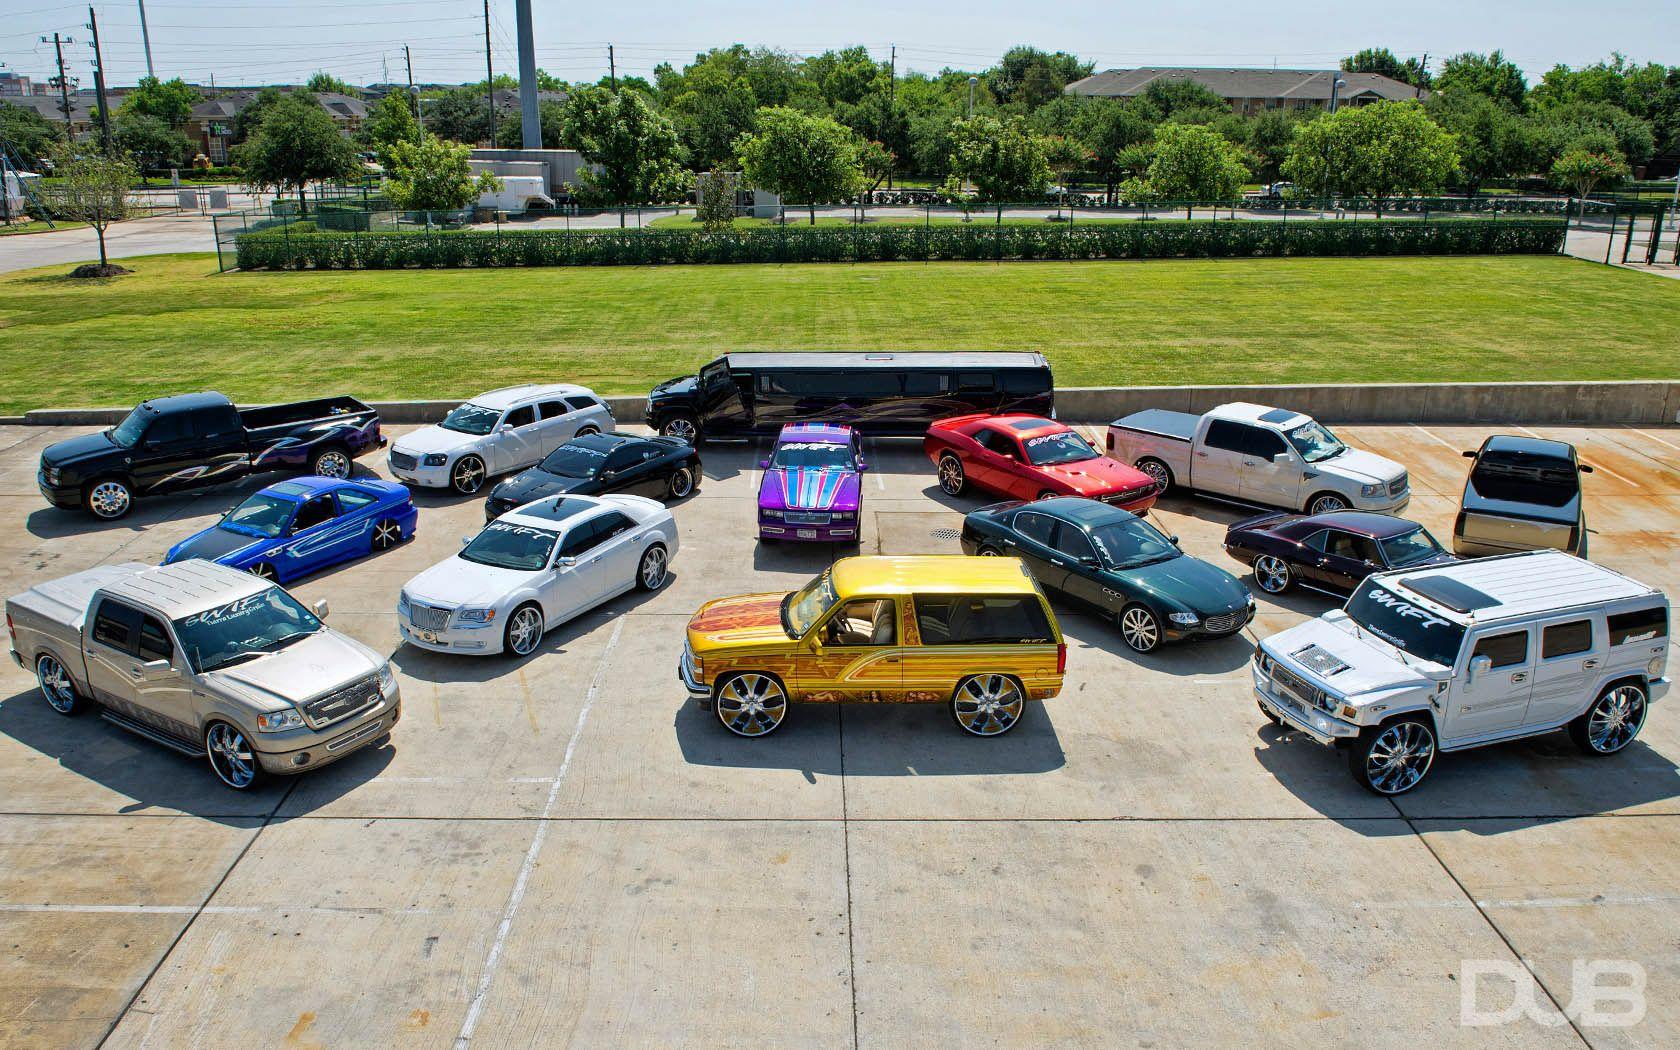 DUB Magazine - Swift Car Club: Texas | Swift car club World Wide ...